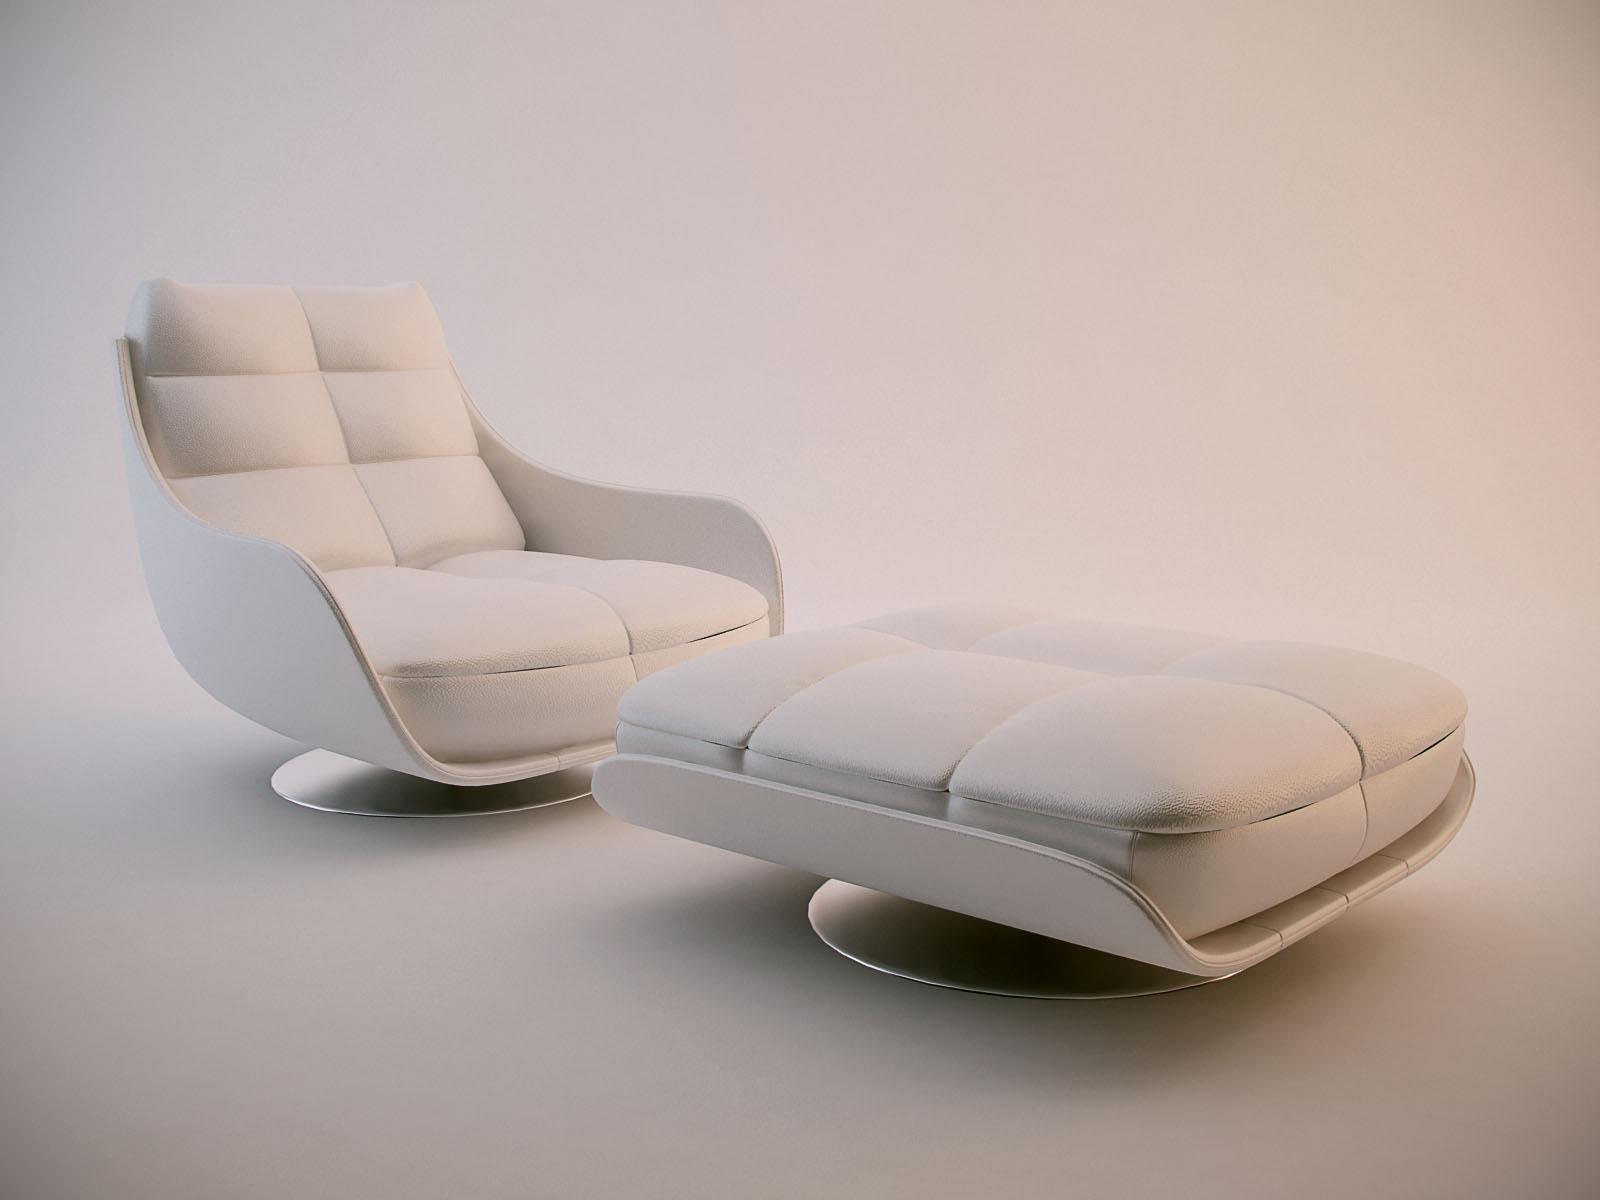 100+ [ Divani Chateau D Ax Leather Couch ] | Chateau D Ax Divani ...